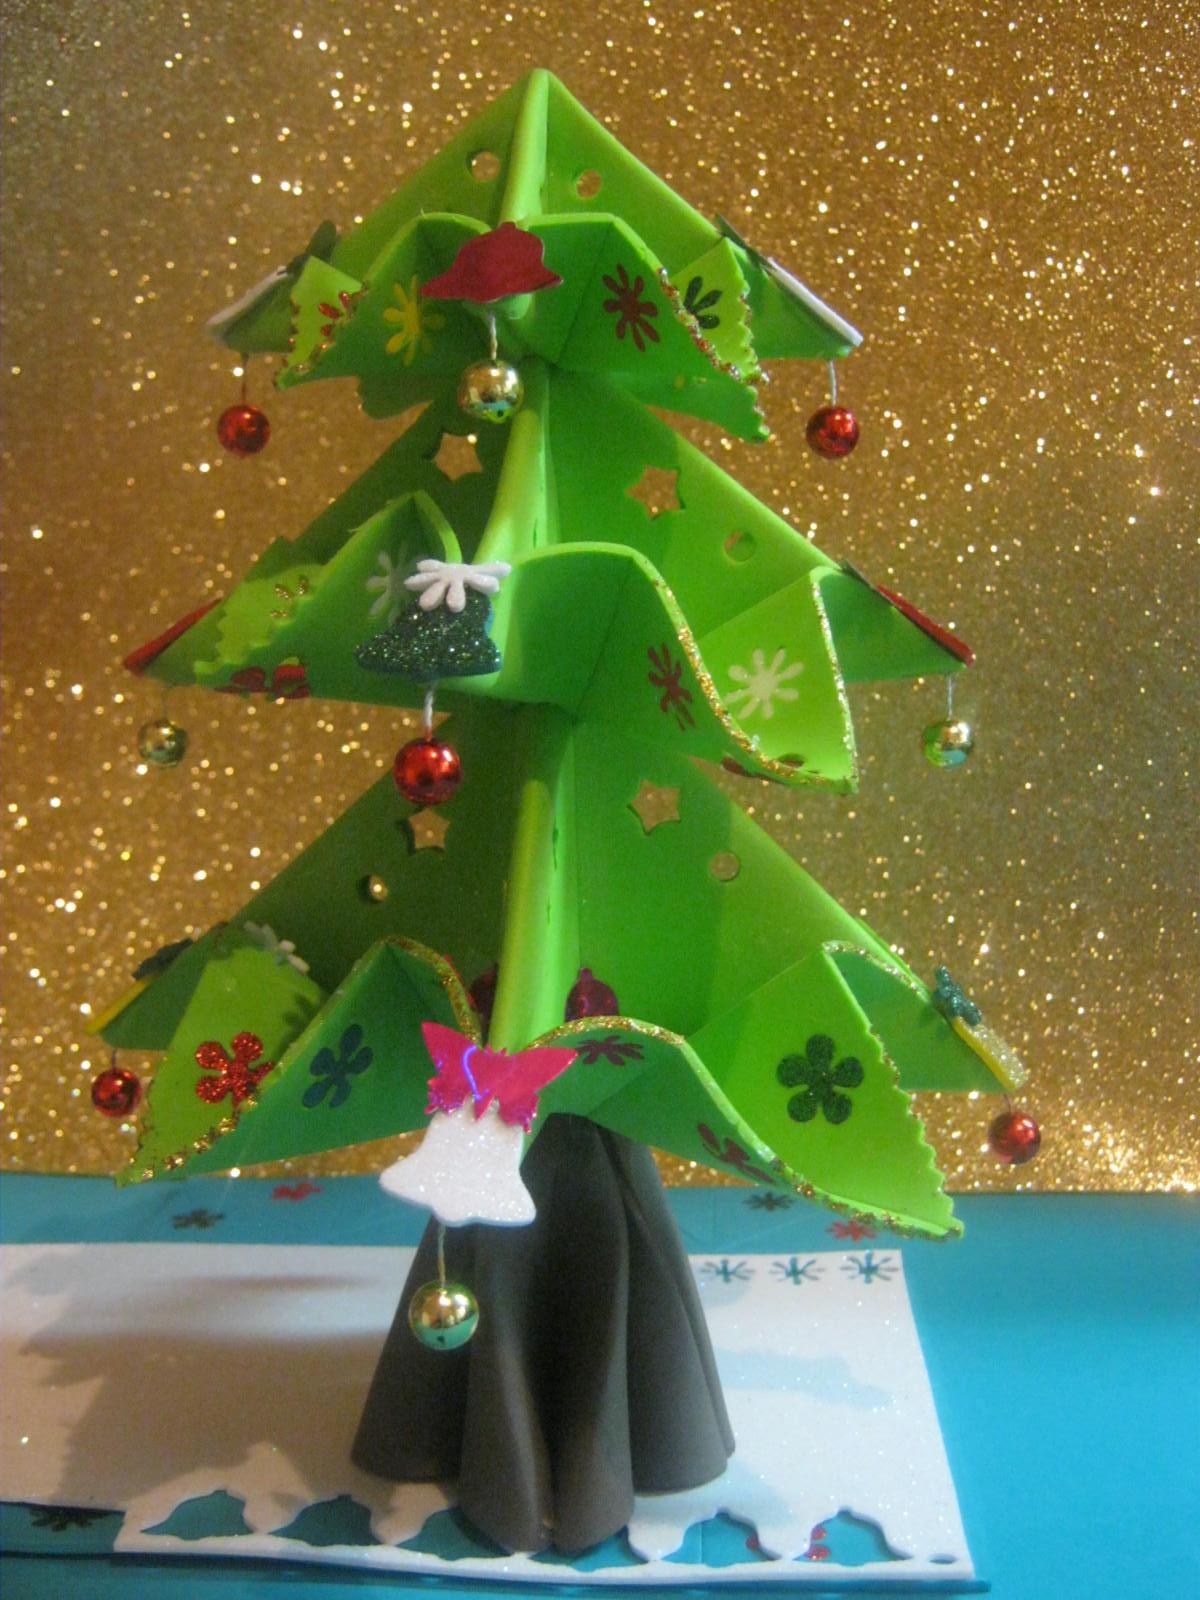 Pin como hacer guirnalda navidad goma eva todo - Guirnaldas navidad manualidades ...